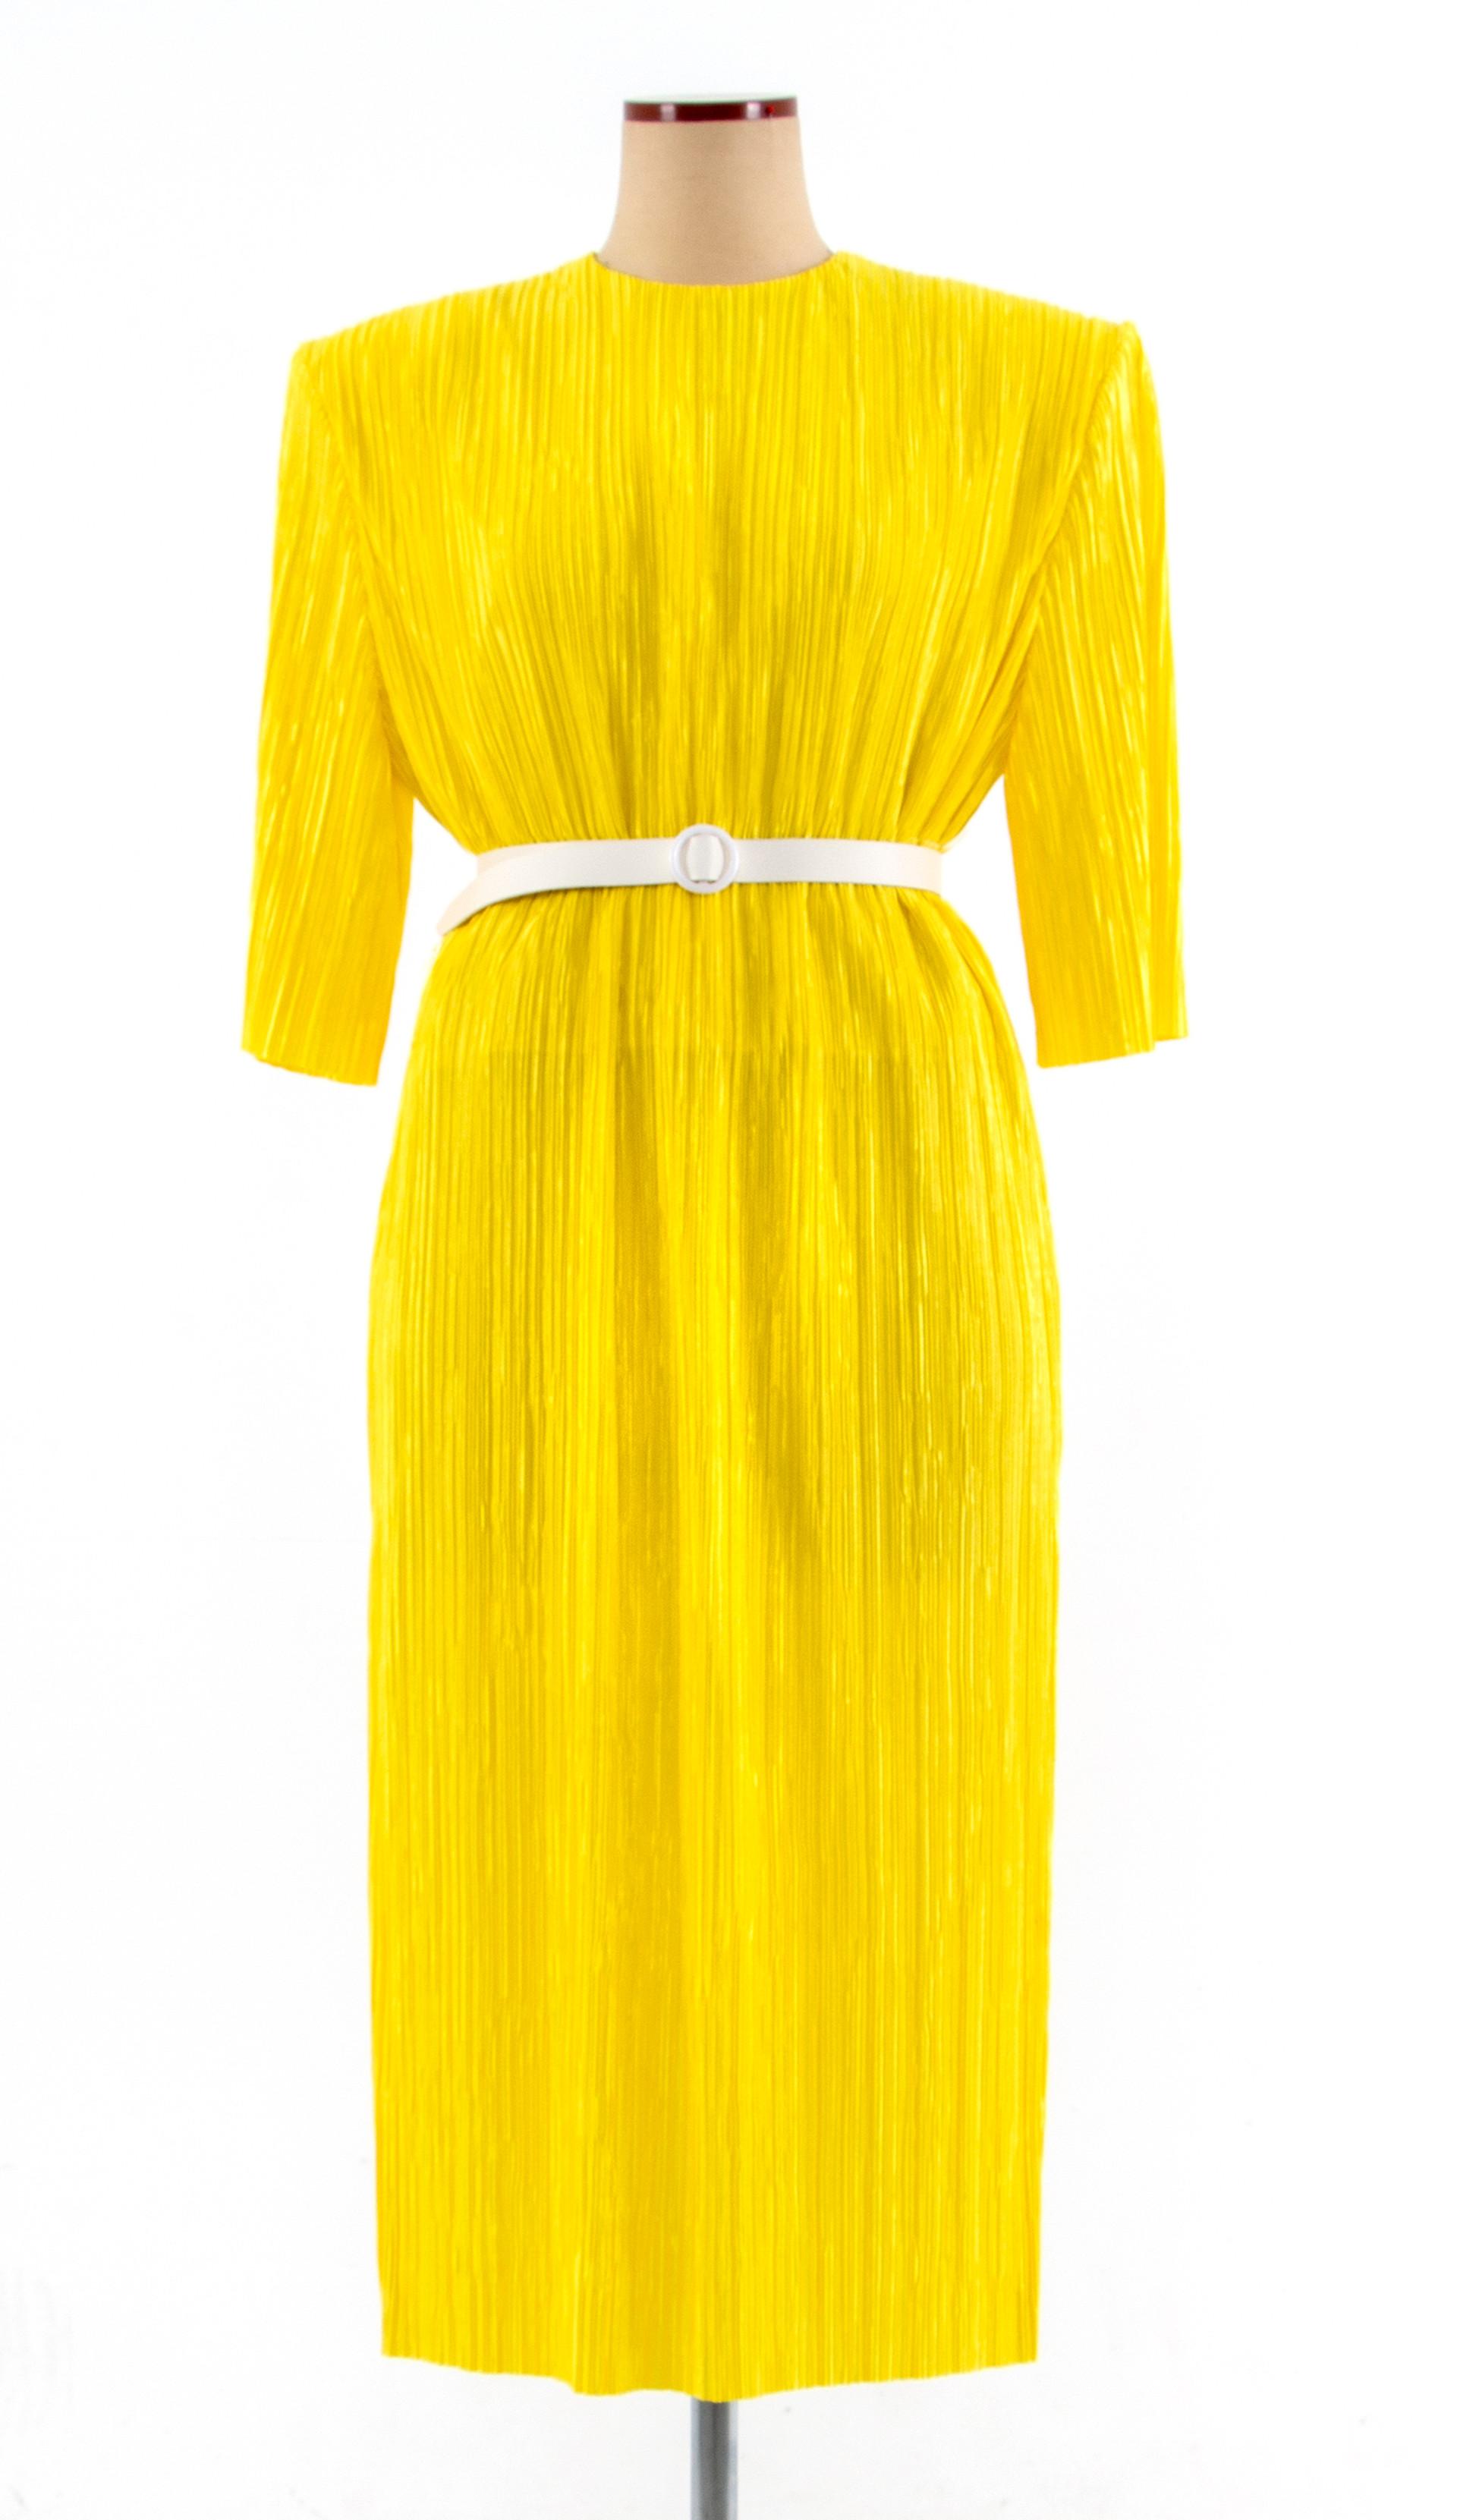 Pleats Dress with unique silhouette